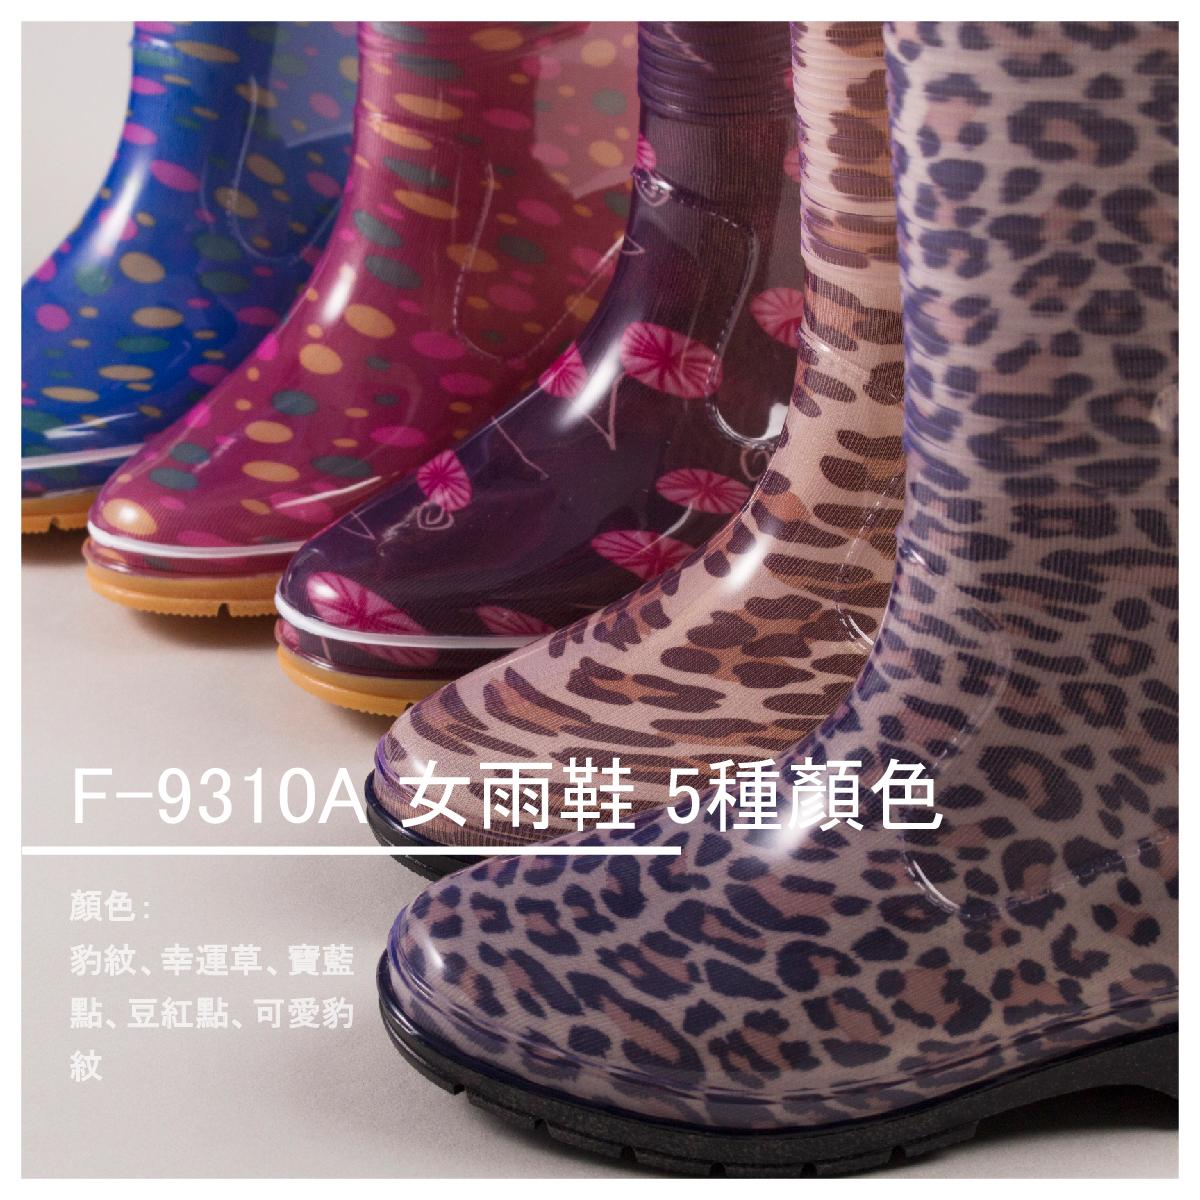 【百振江雨鞋】F-9310A 女雨鞋 5種顏色